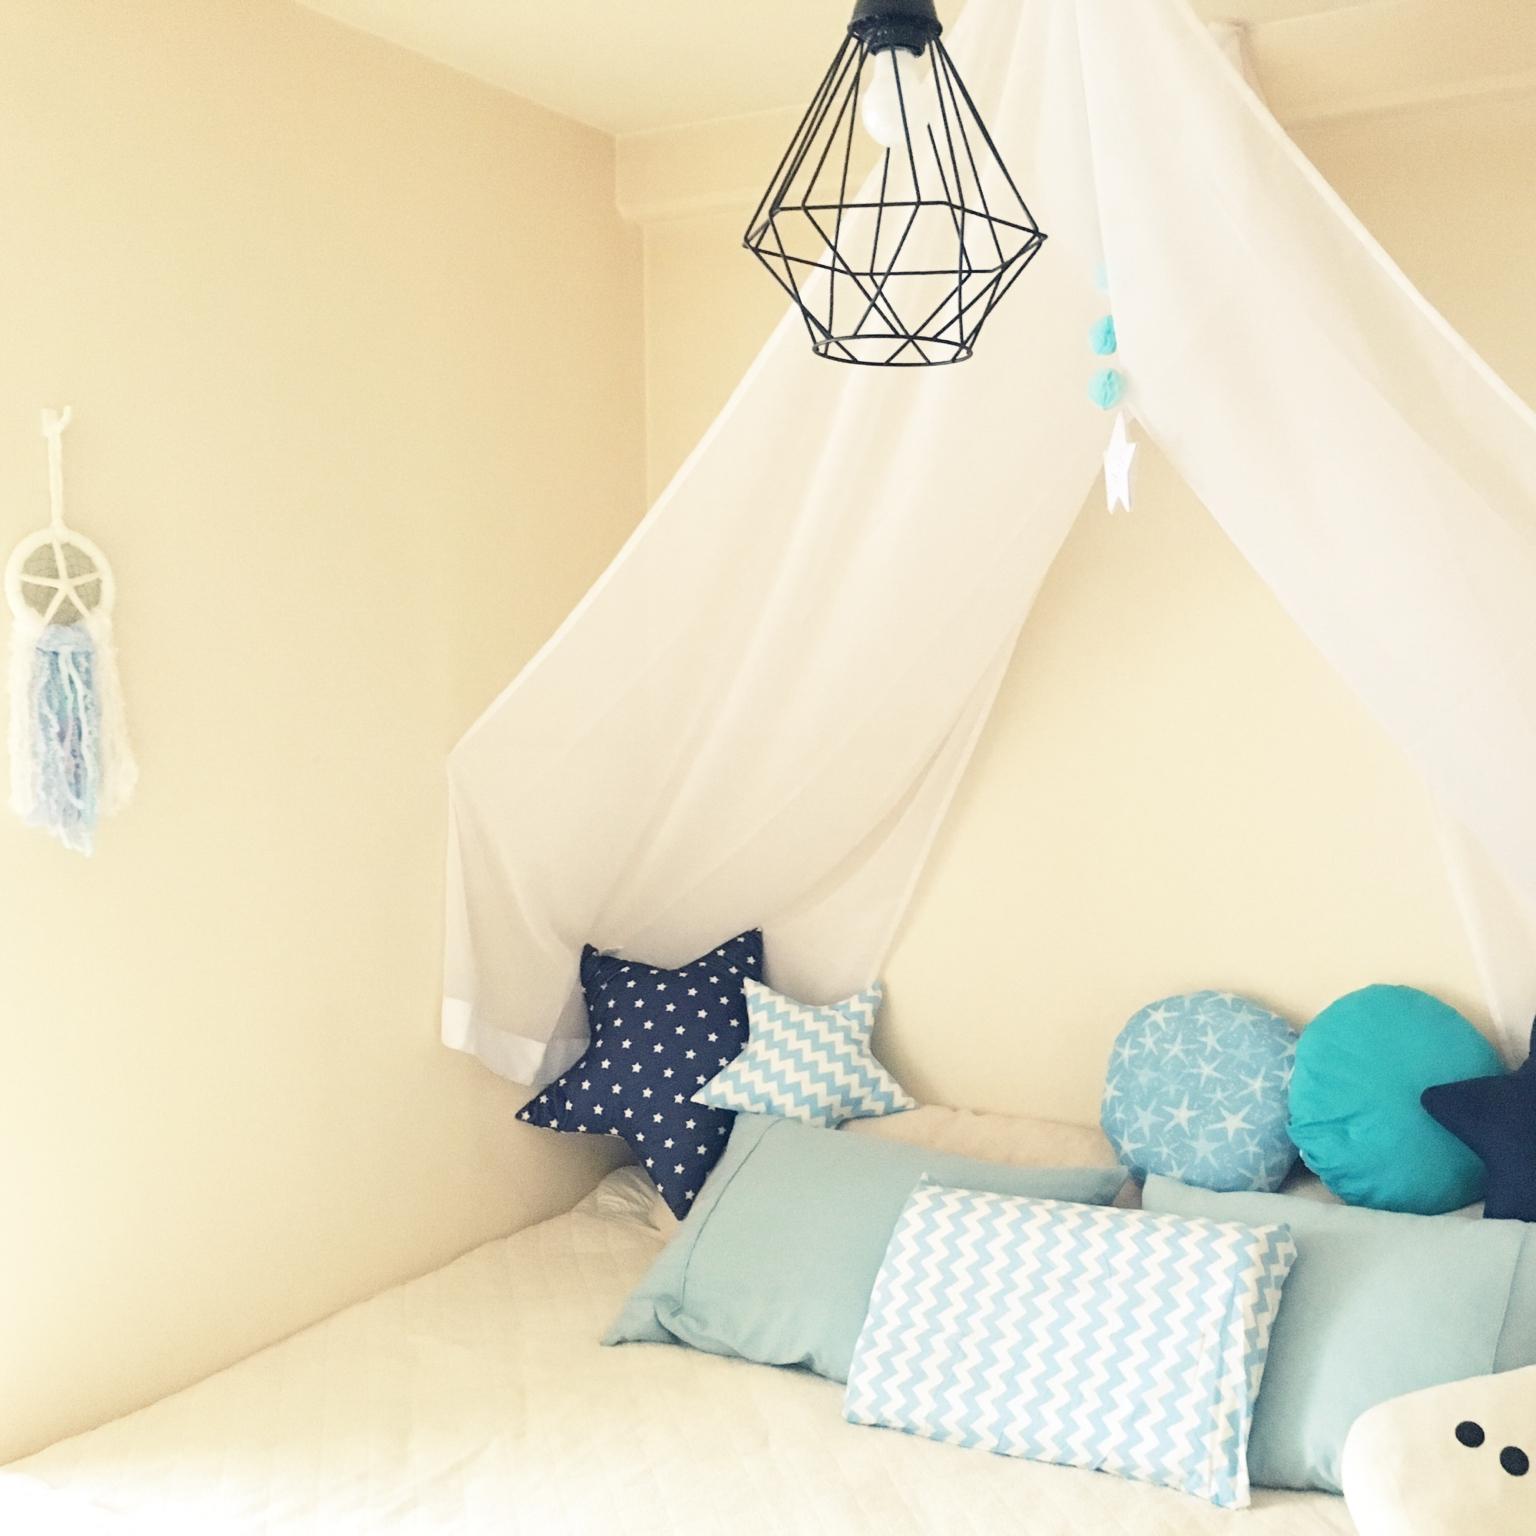 ベッドルームが癒しの空間に♡簡単にできるベッドメイクのテクニック